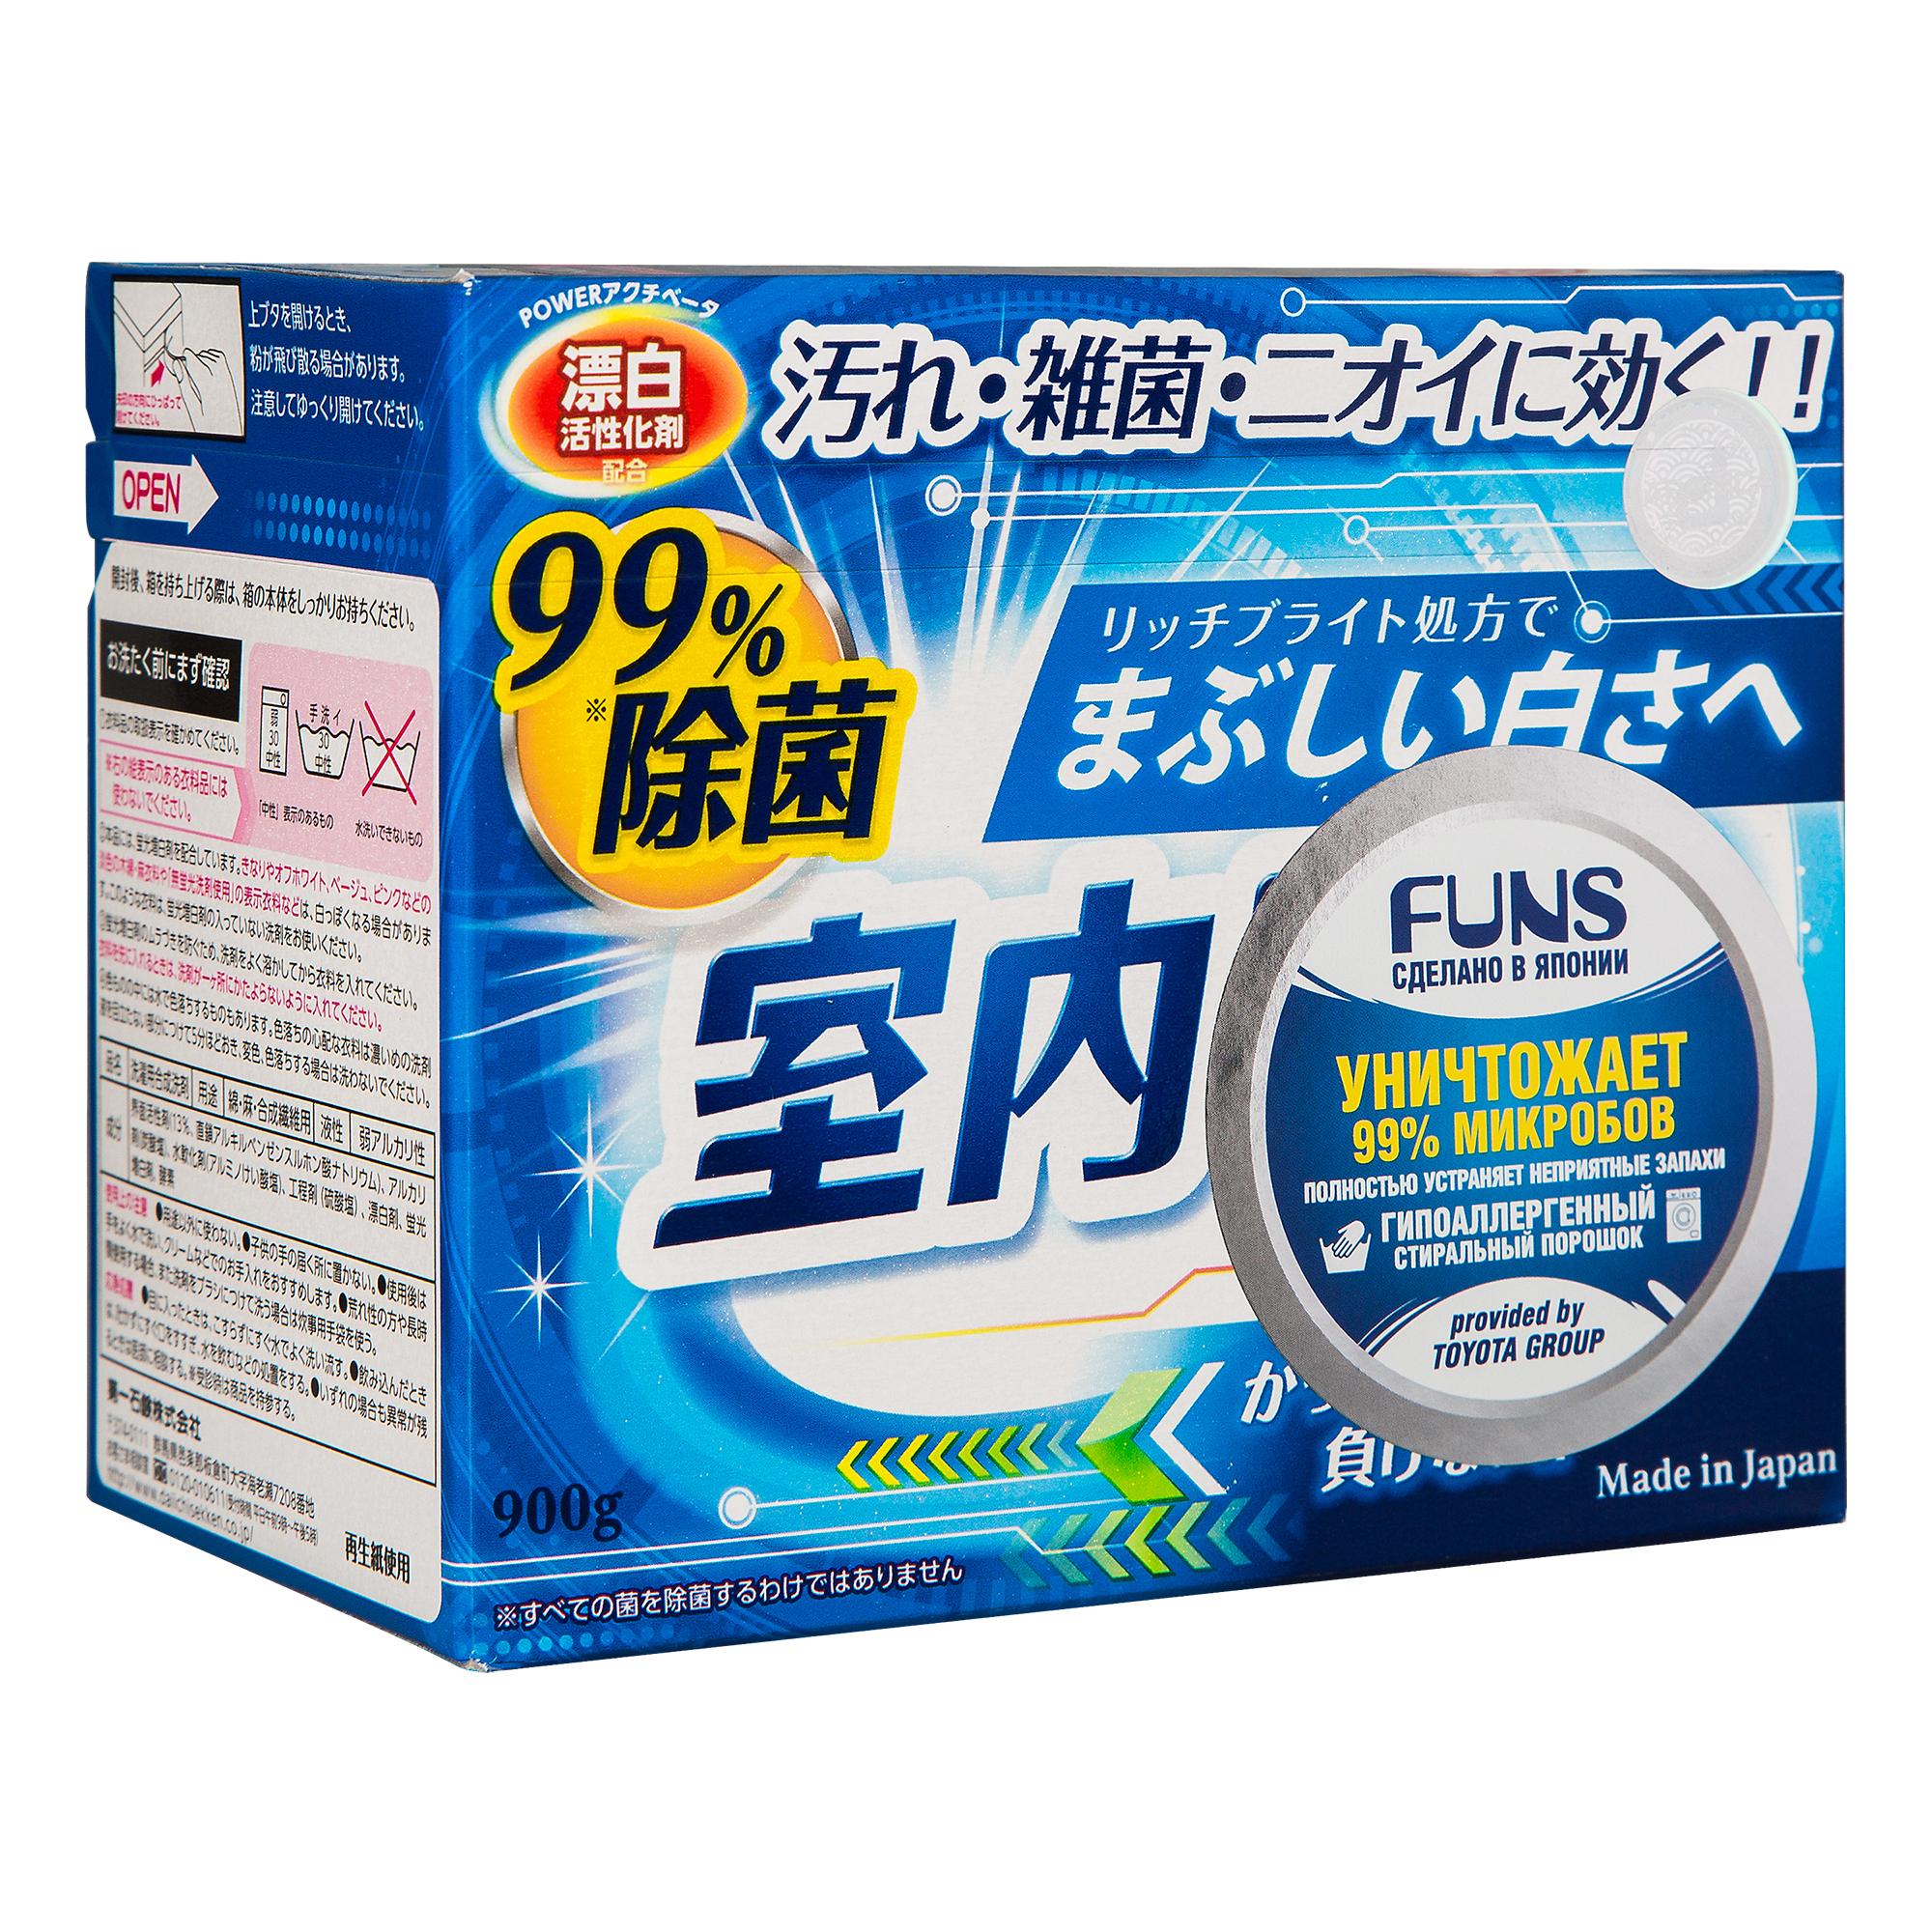 БЕЗ БРЭНДА Порошок стиральный для чистоты вещей и сушки белья в помещении Daiichi Sekken Co